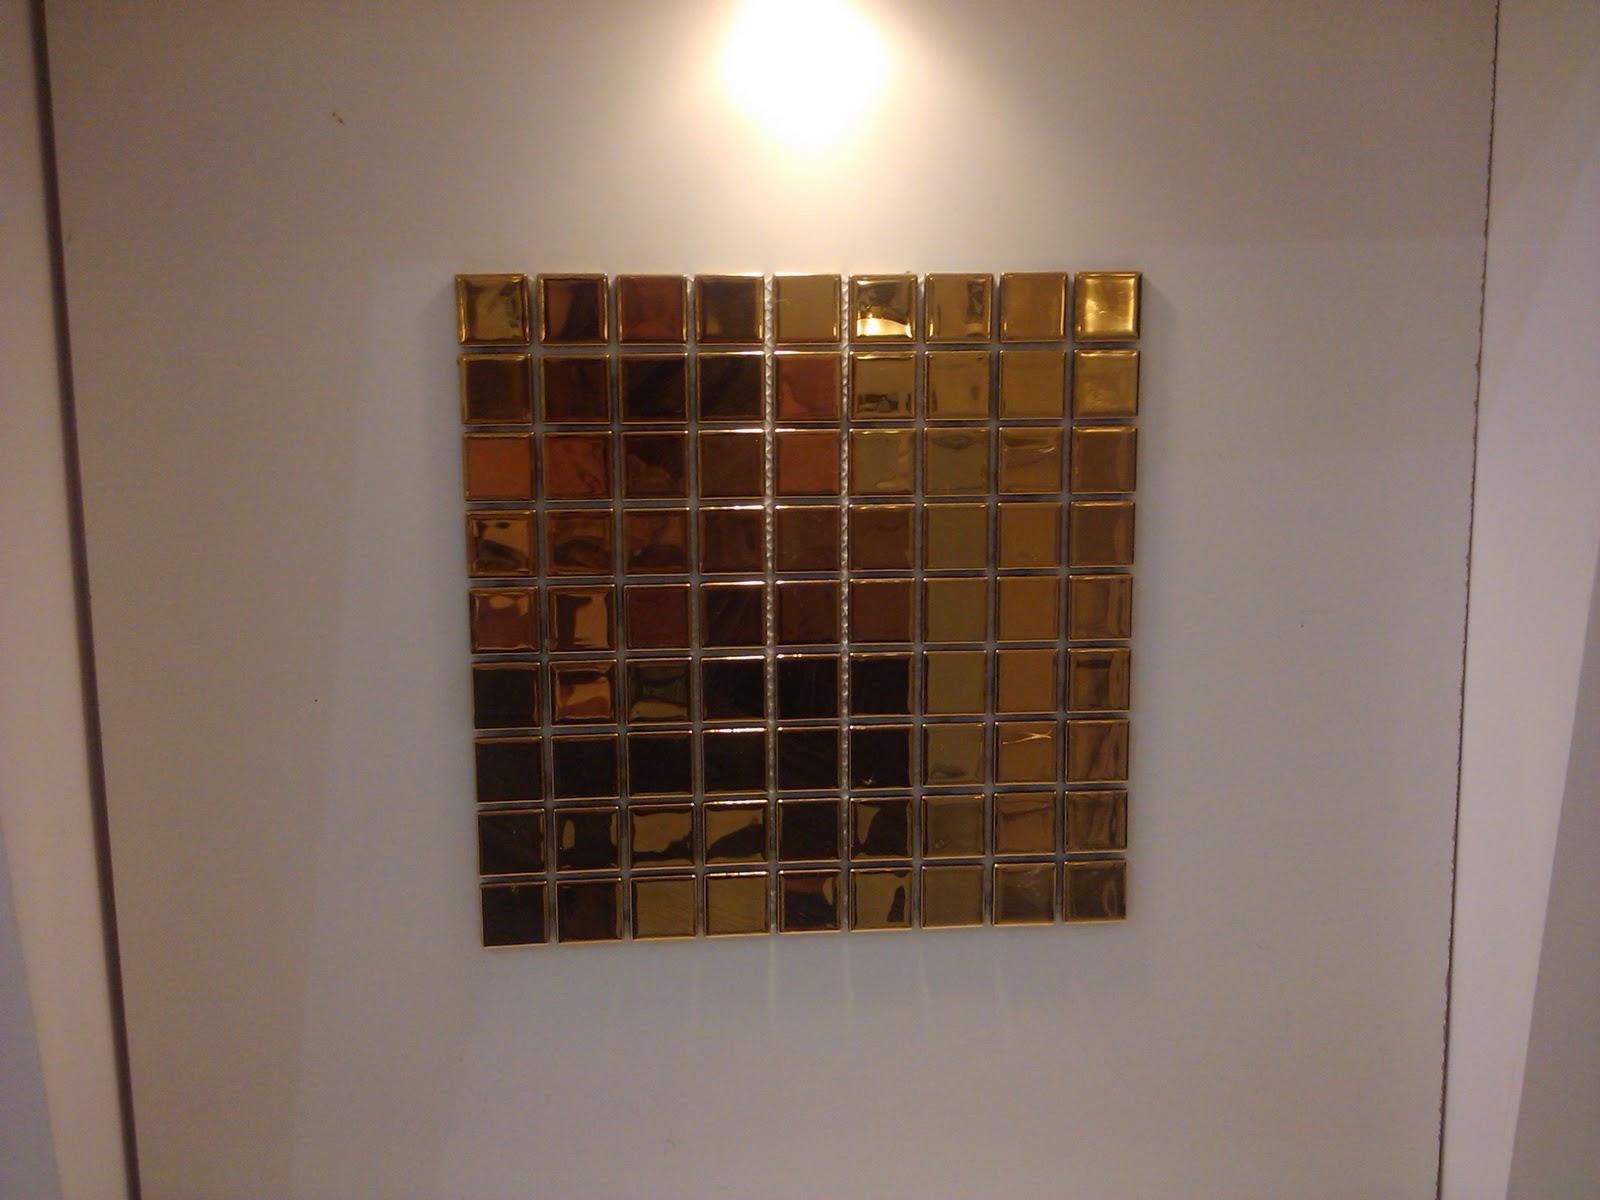 Pastilhas douradas da Glass Mosaic : #AC7A20 1600x1200 Banheiro Com Pastilhas Douradas